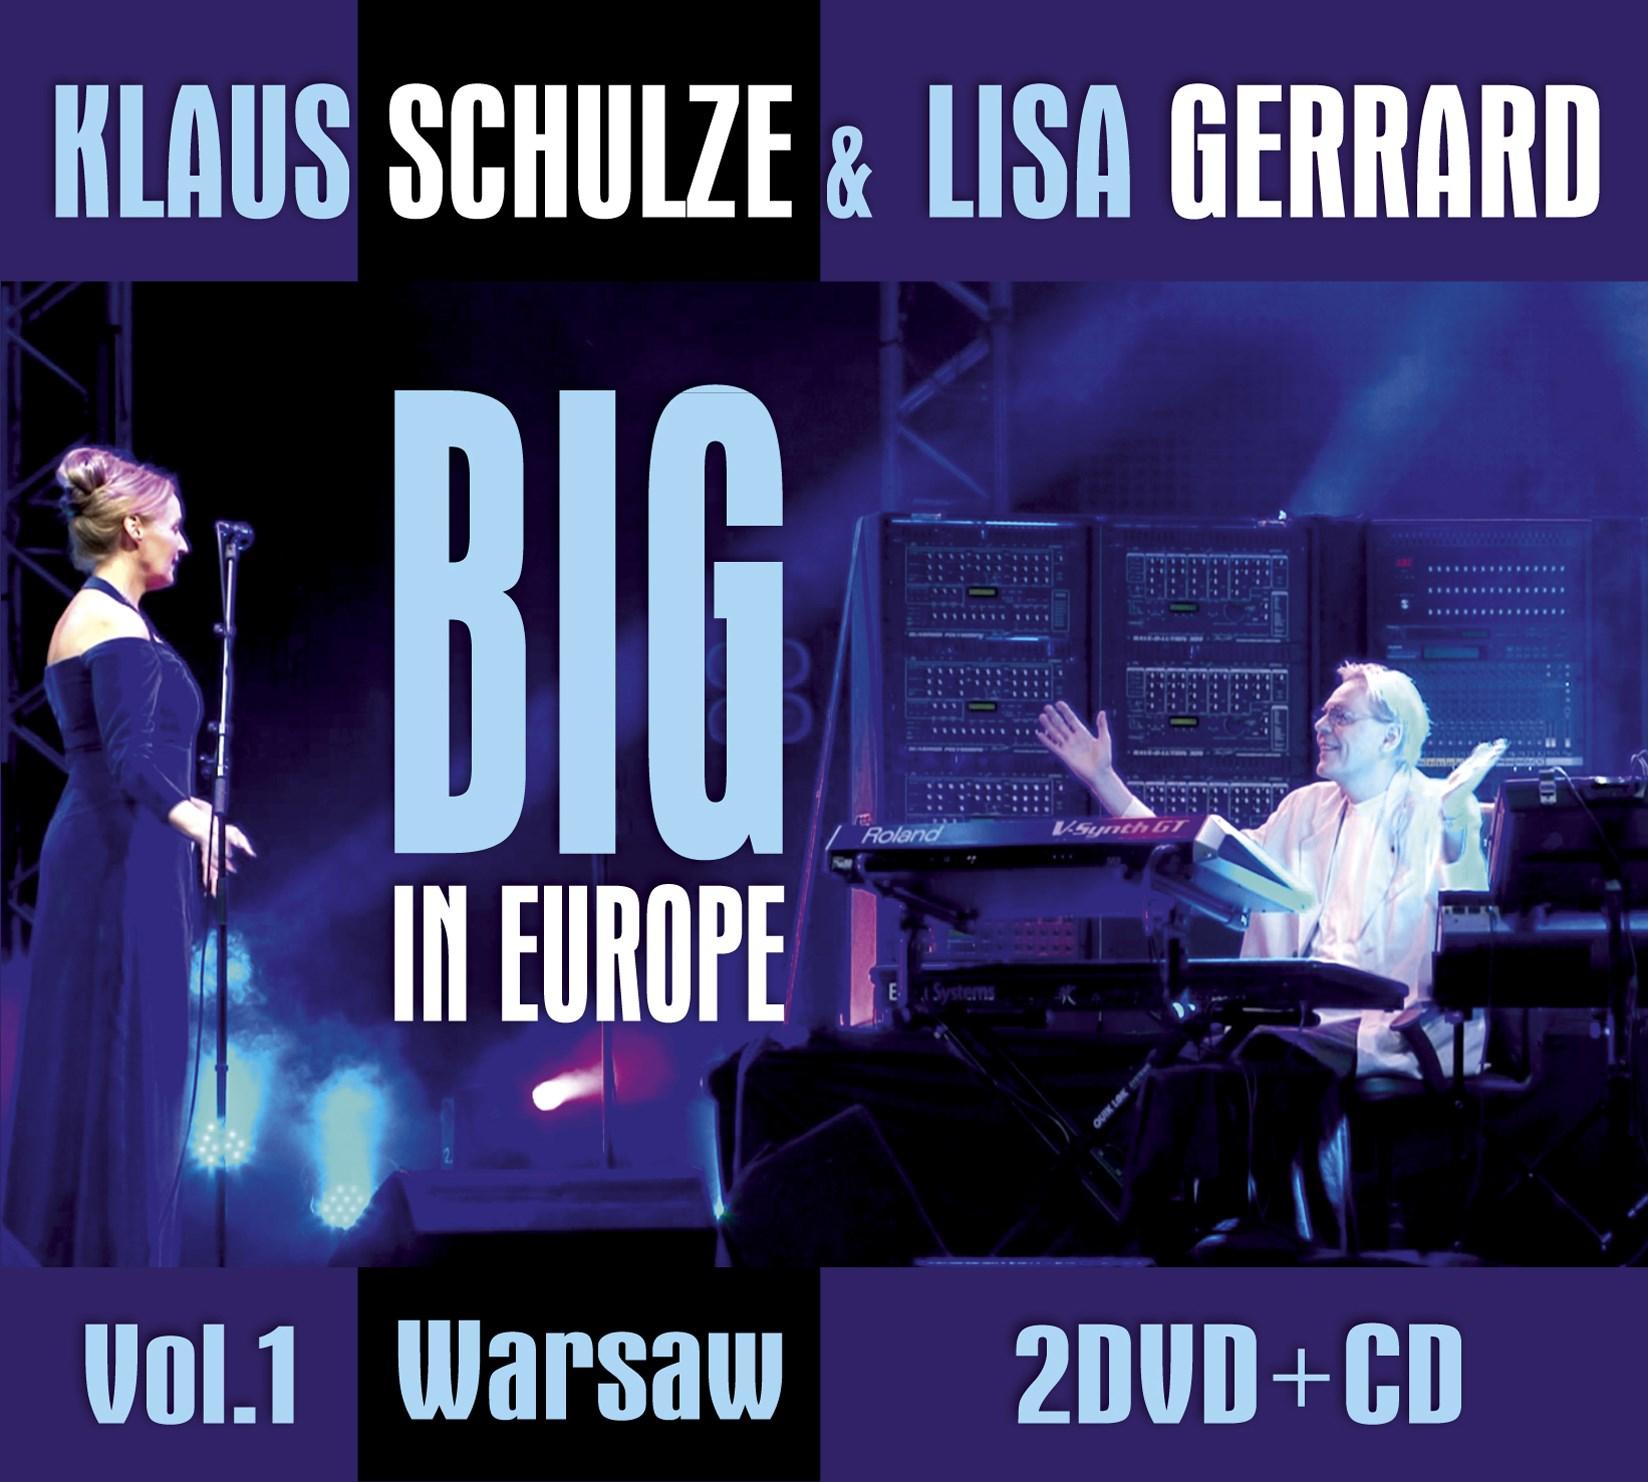 Klaus Schulze & Lisa Gerrard: Big in Europe - Vol. 1 Warsaw